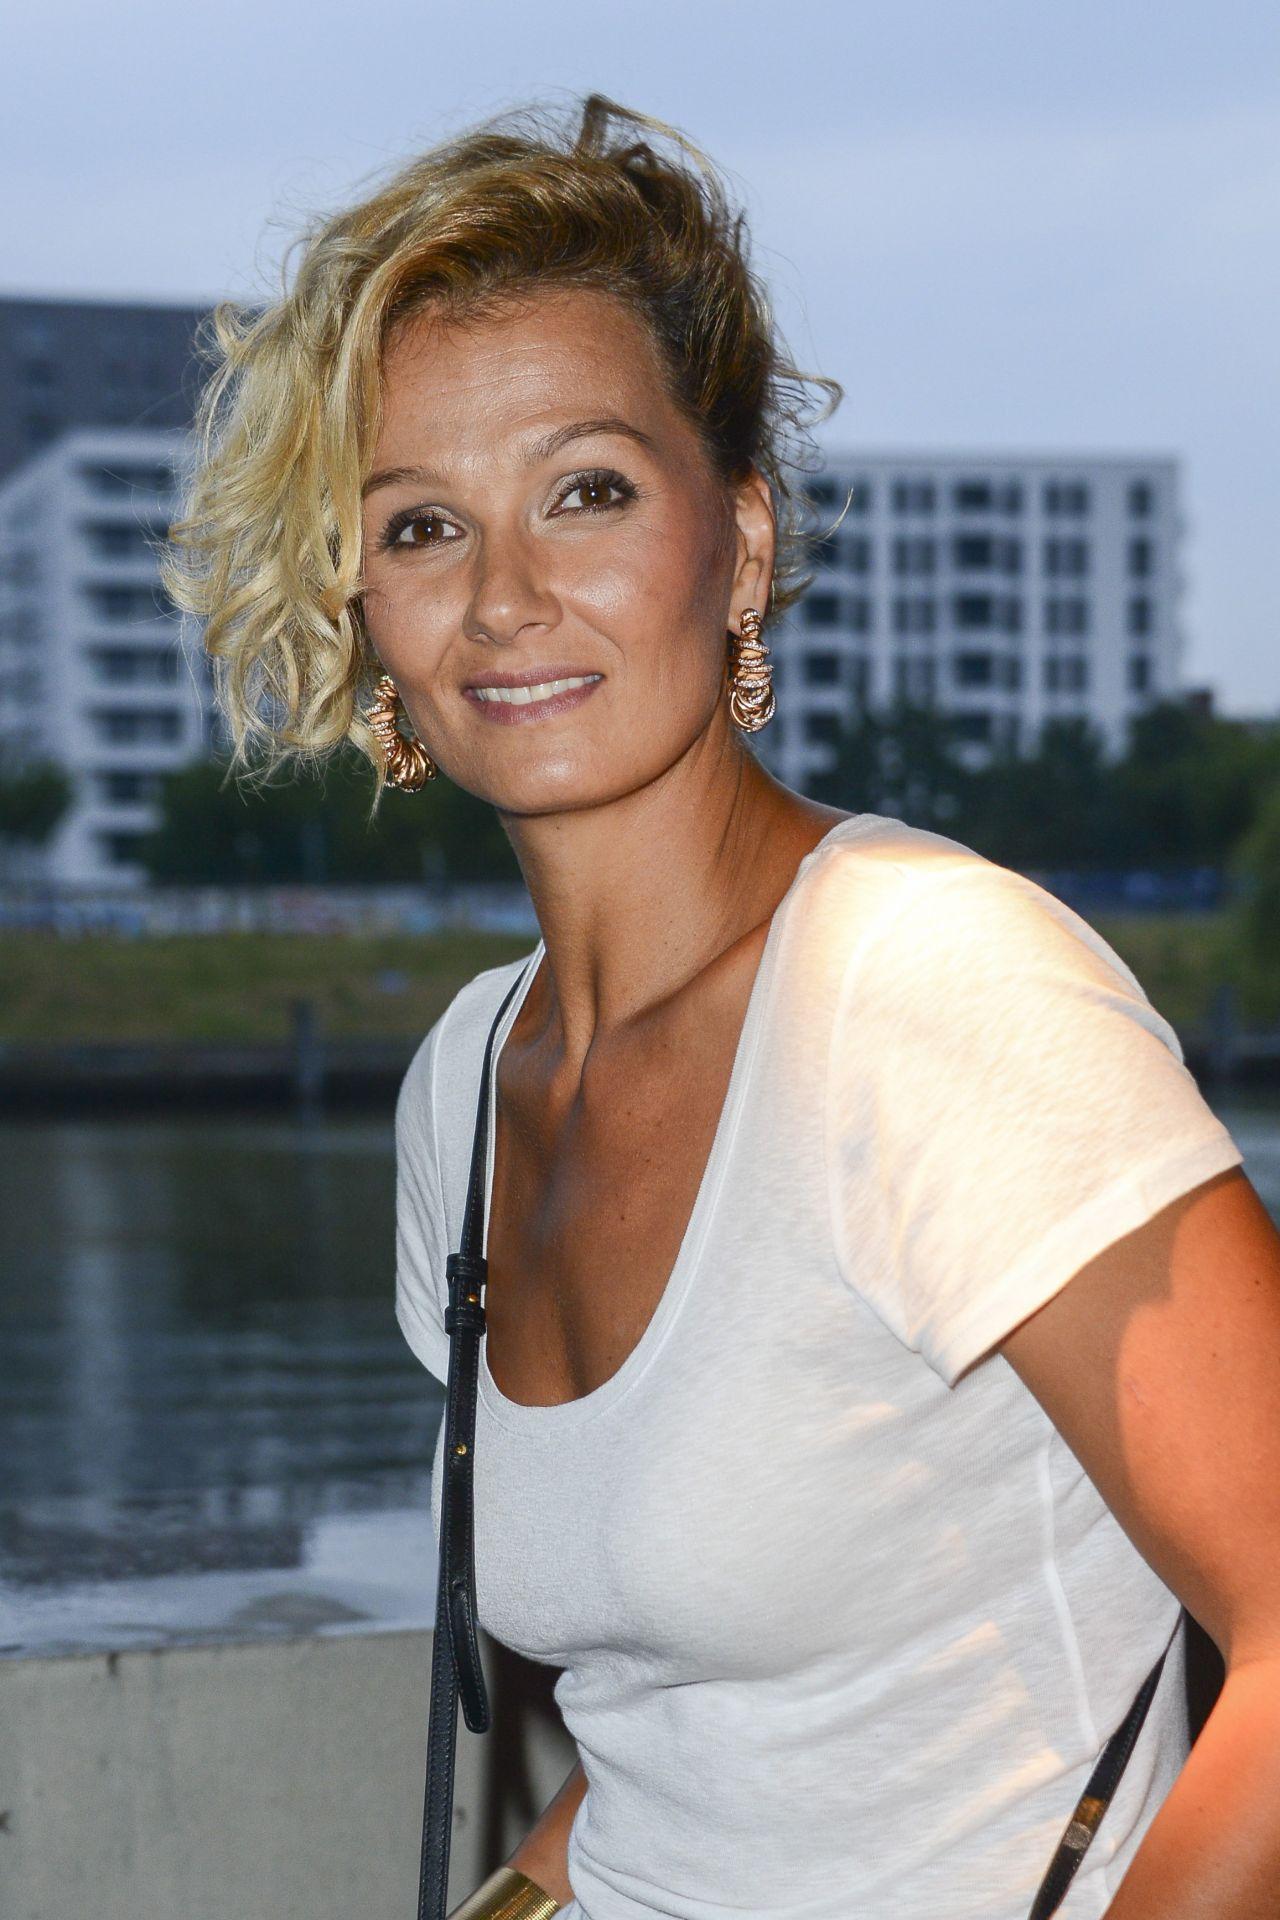 Franziska Van Almsiek